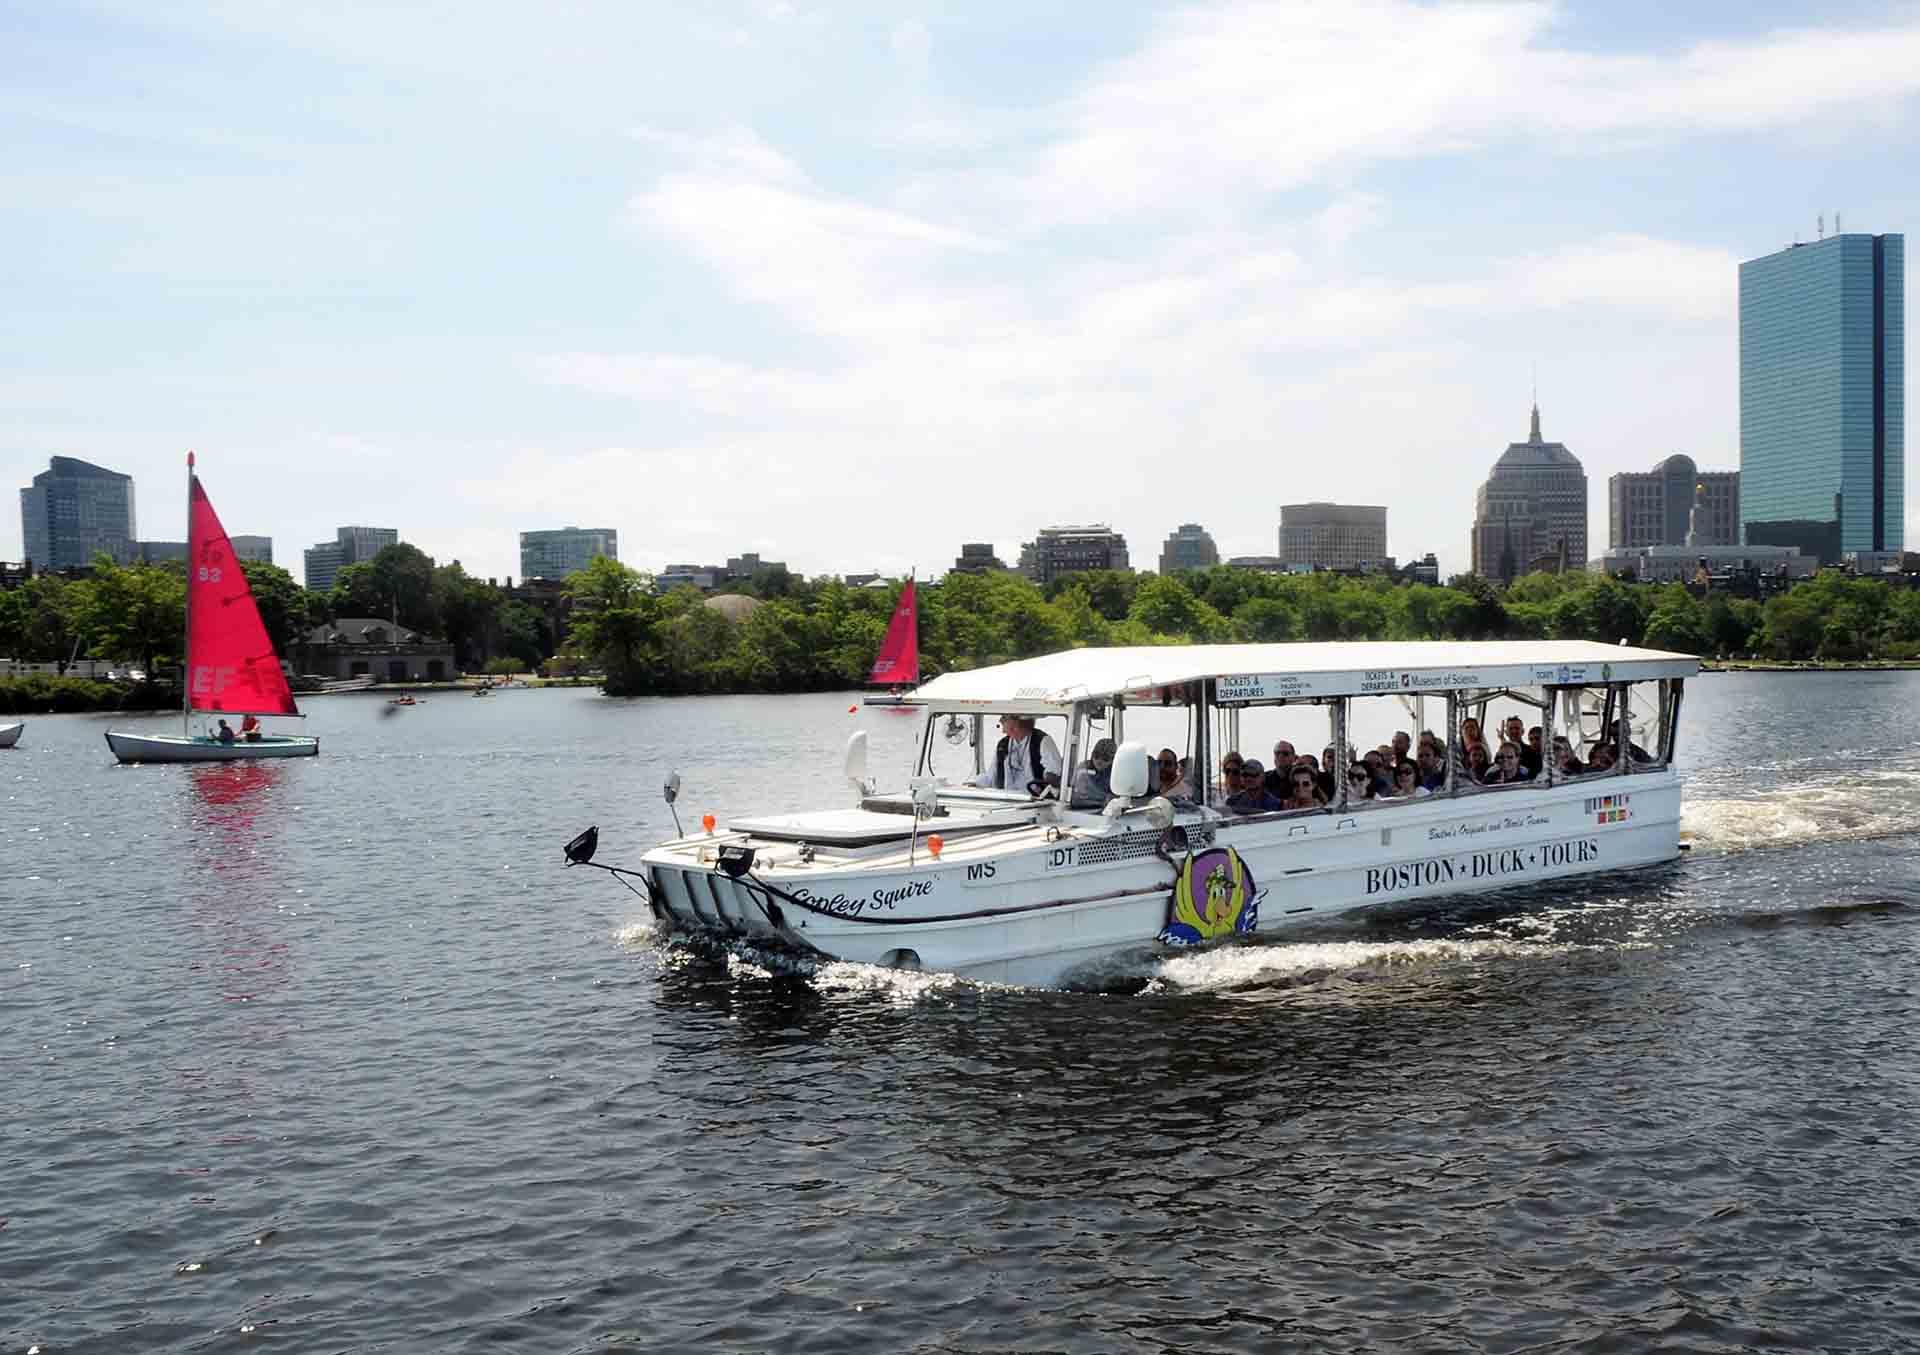 Érdemes a Duck Tour kétéltűivel megtekinteni a város nevezetességeit